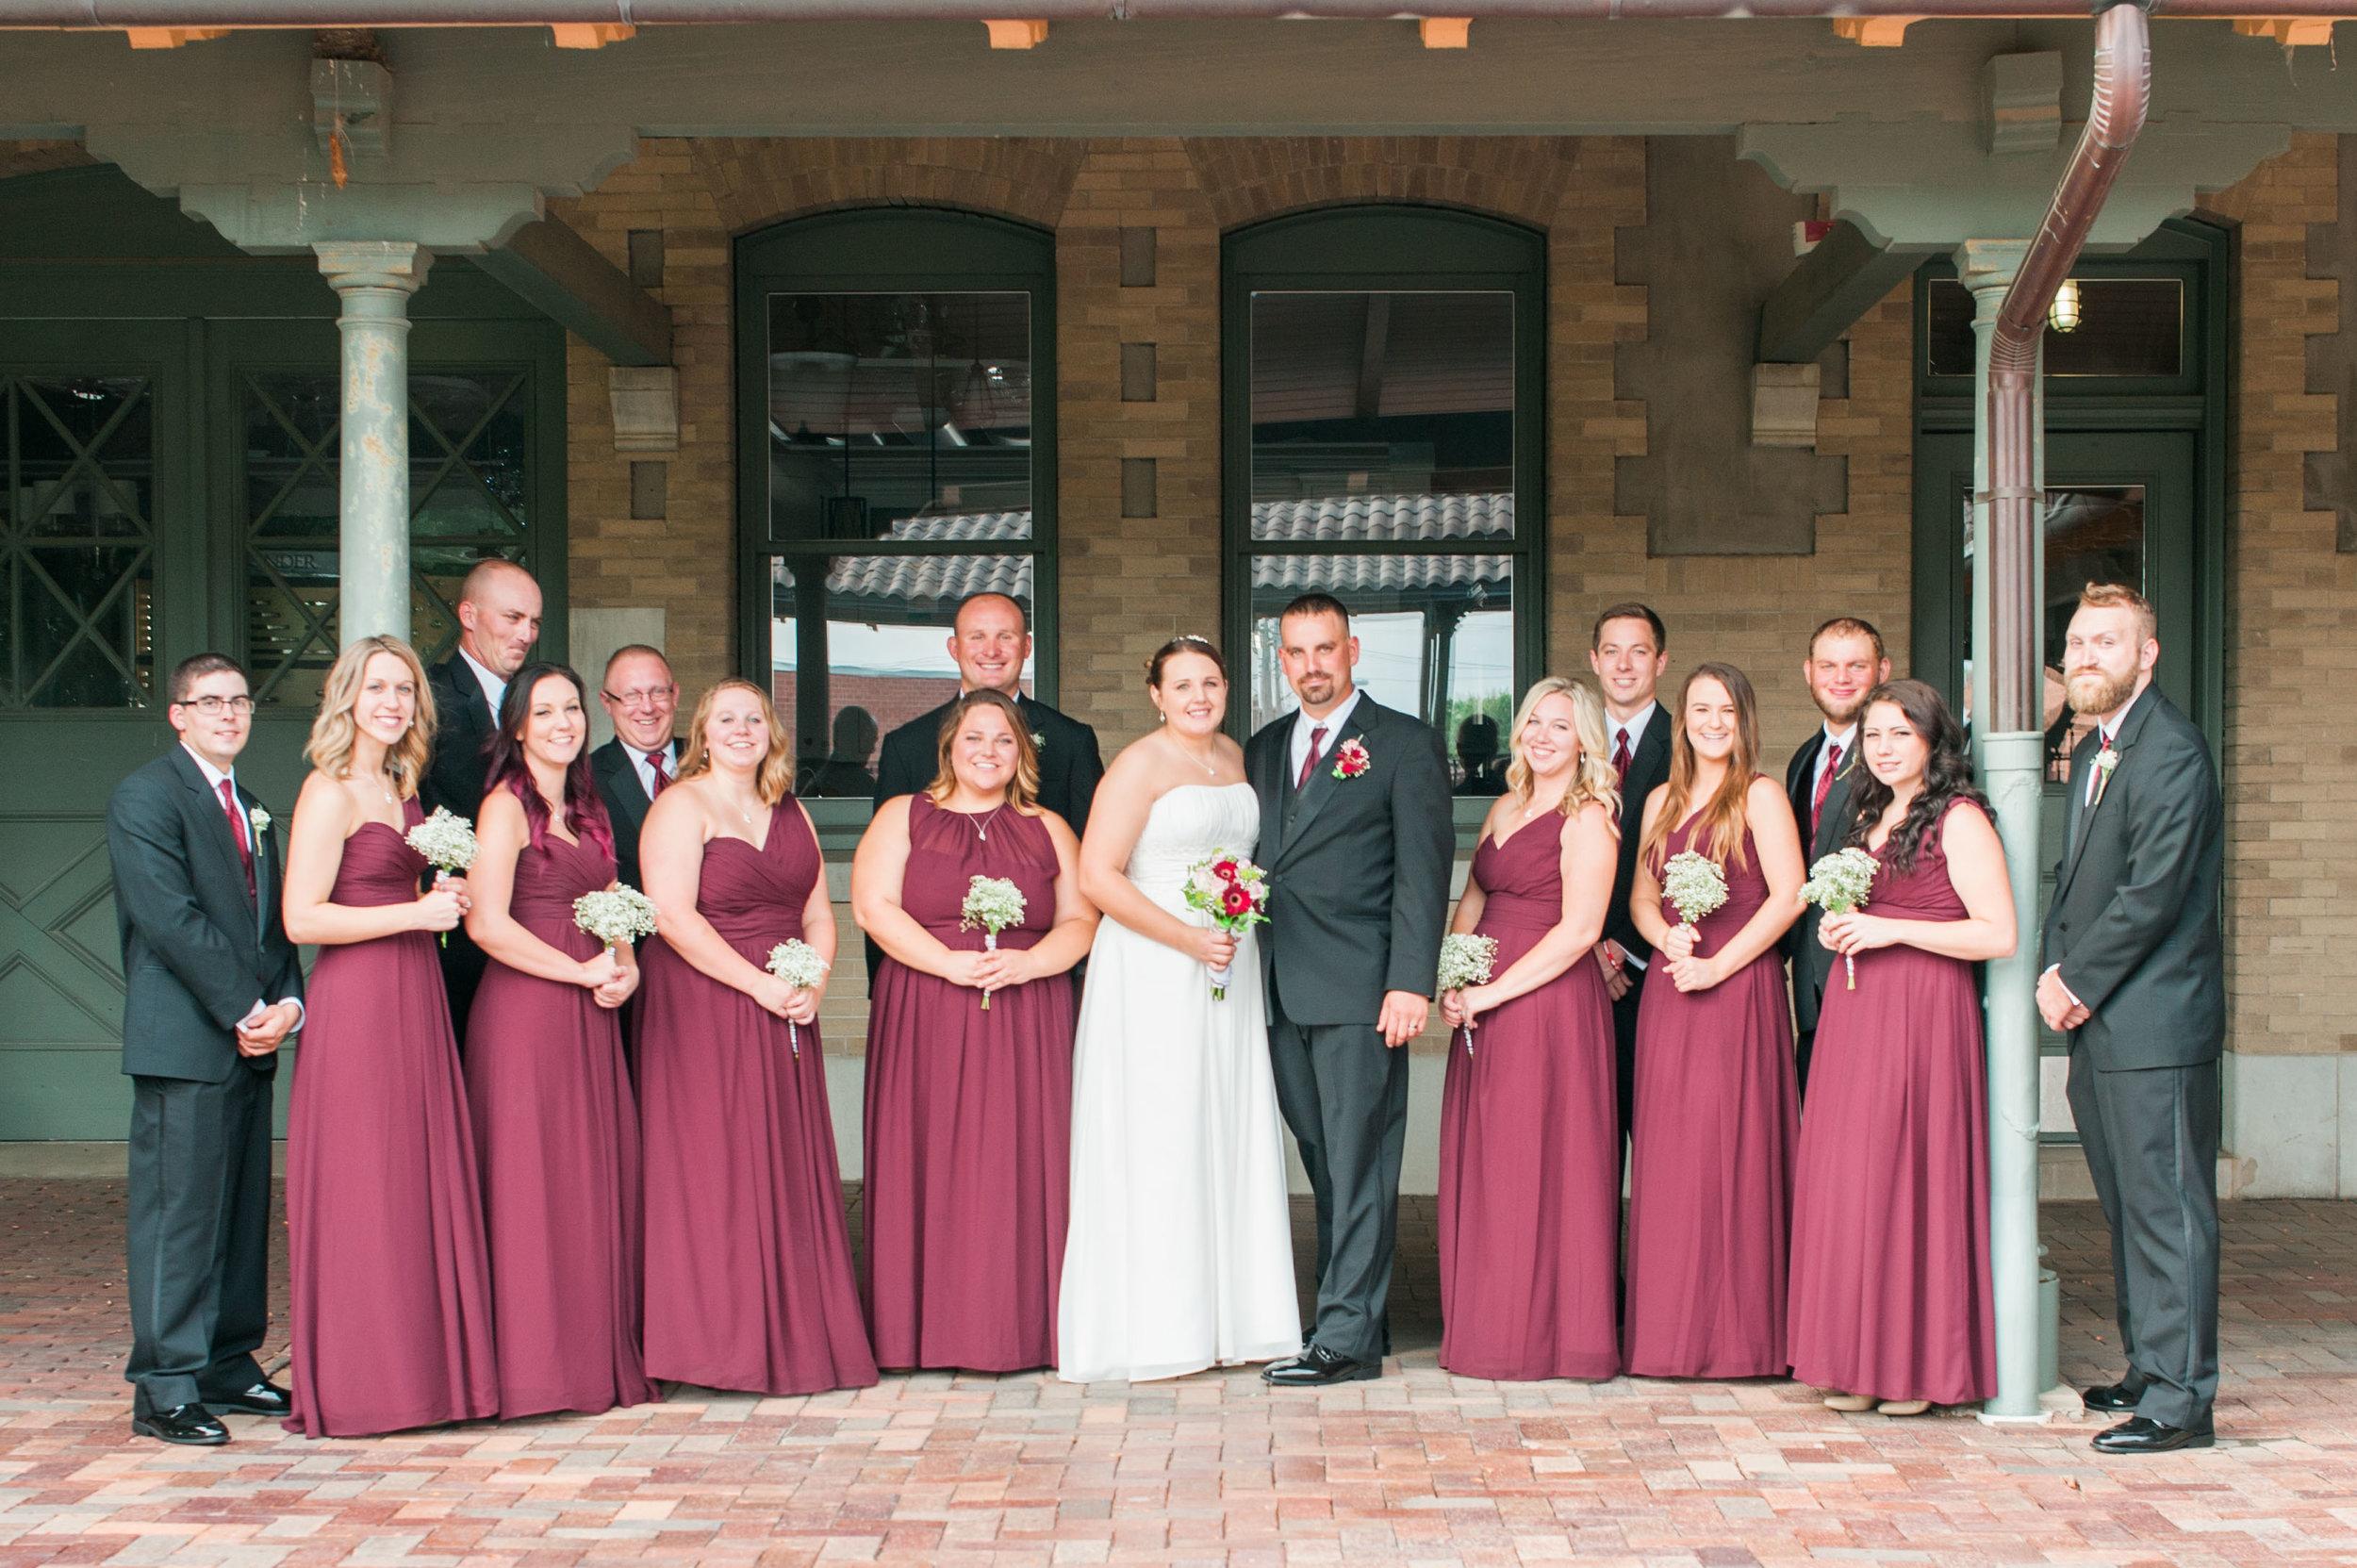 nebraska-wedding-photographer-20.jpg